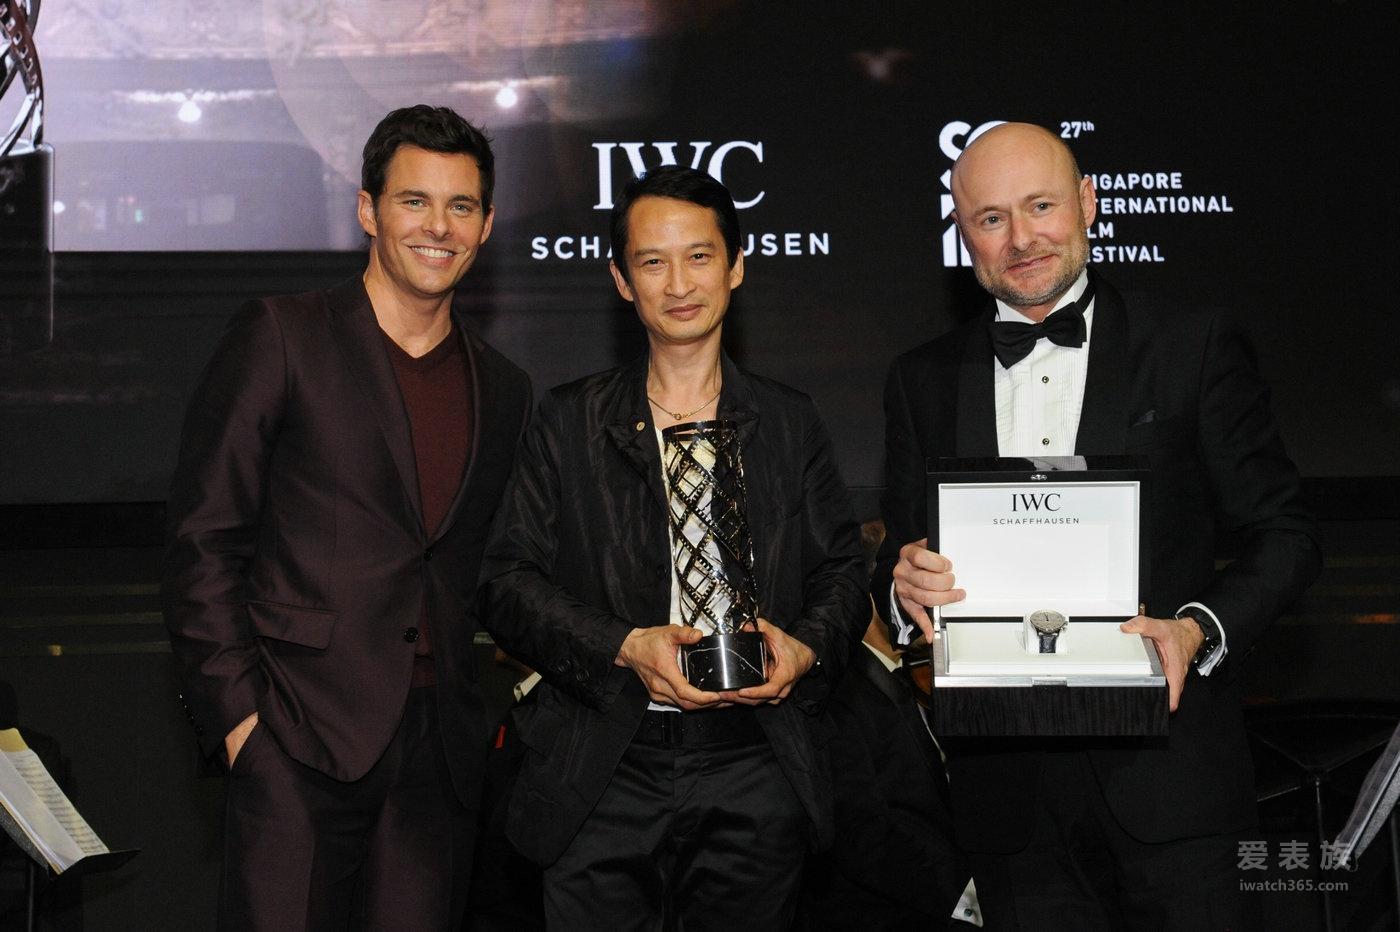 """詹姆斯·马斯登在新加坡国际电影节向陈英雄 颁发首座"""" IWC杰出电影人""""大奖"""